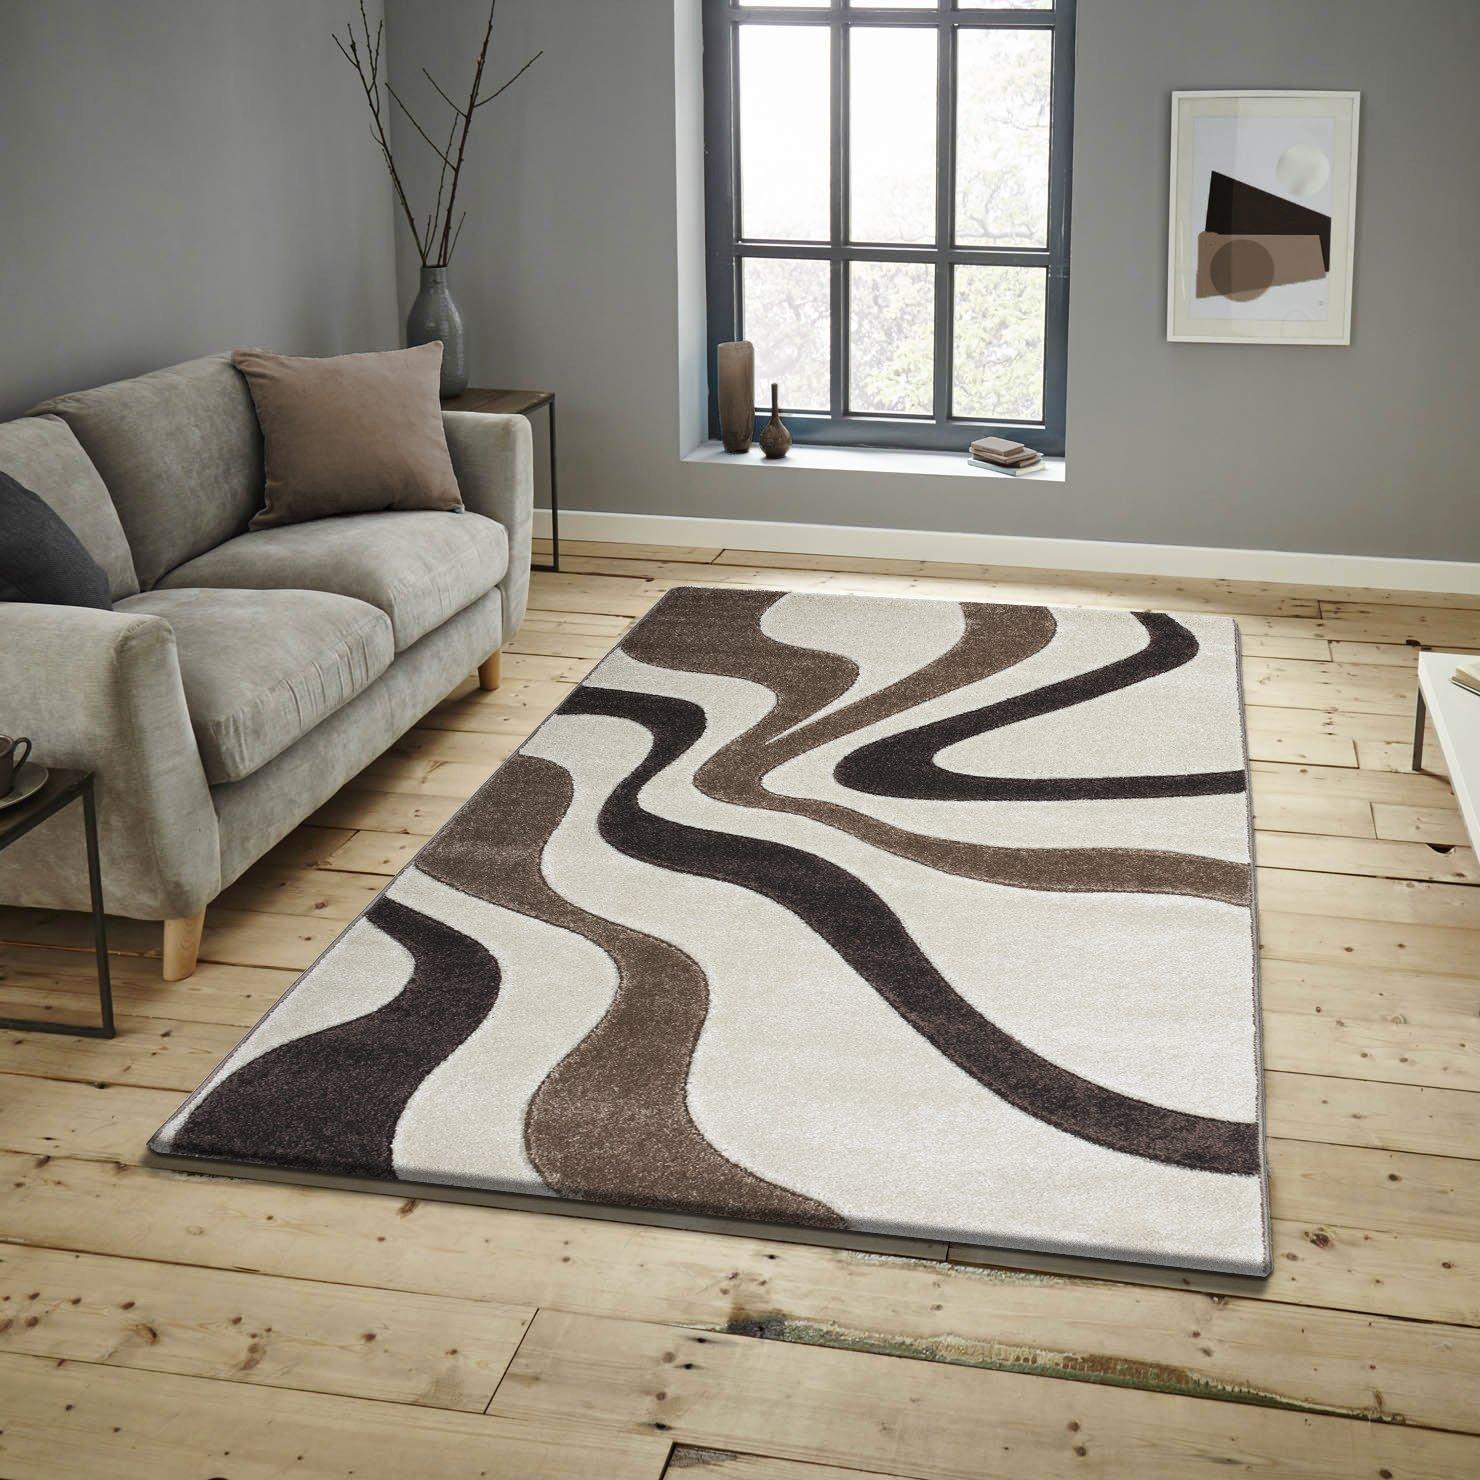 Keymura Wohnzimmerteppich im Modernem Design Prada Teppich mit Hoch-Tief Muster Florhöhe 15 mm Farbe  Natur Braun   Beige Größe  160x230 cm